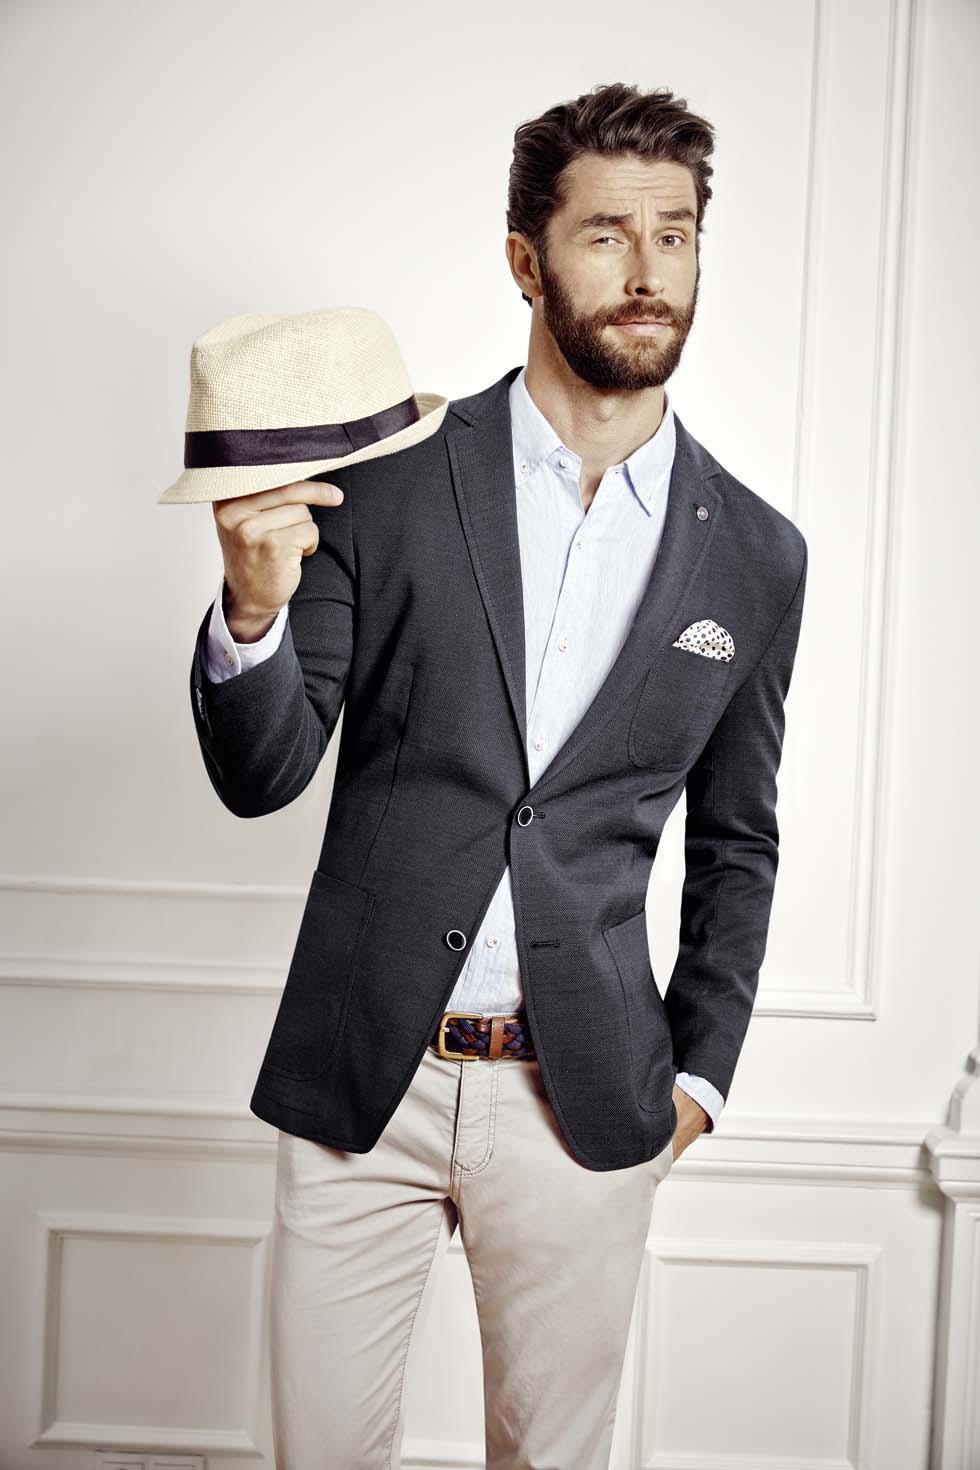 Anzug Hochzeit: Finde Deinen Stil